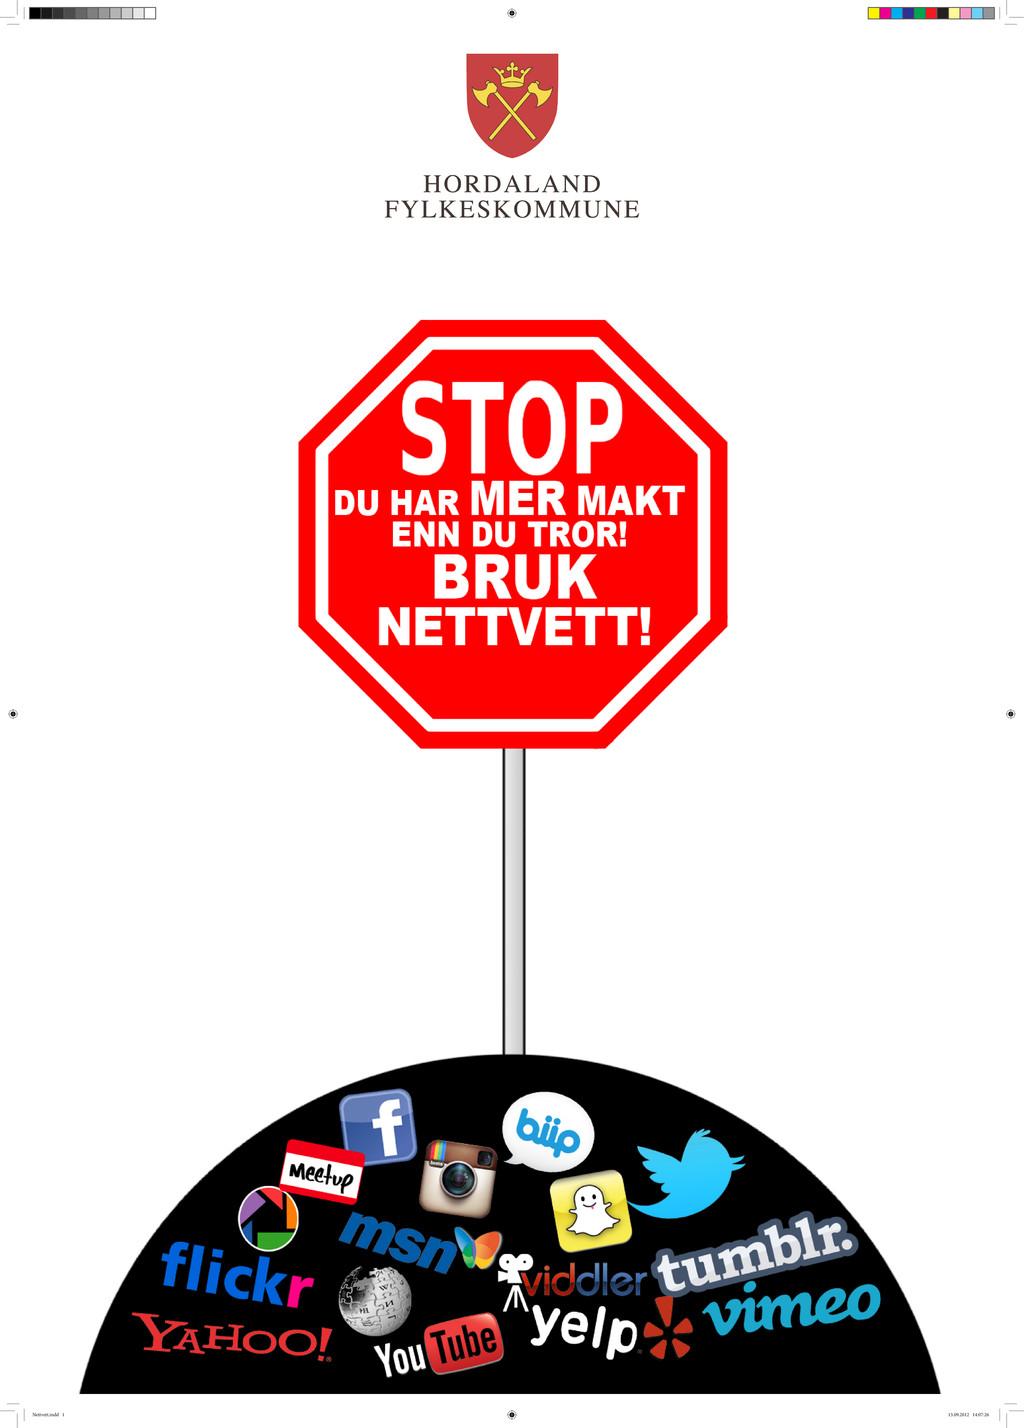 Nettvett.indd 1 13.09.2012 14:07:26